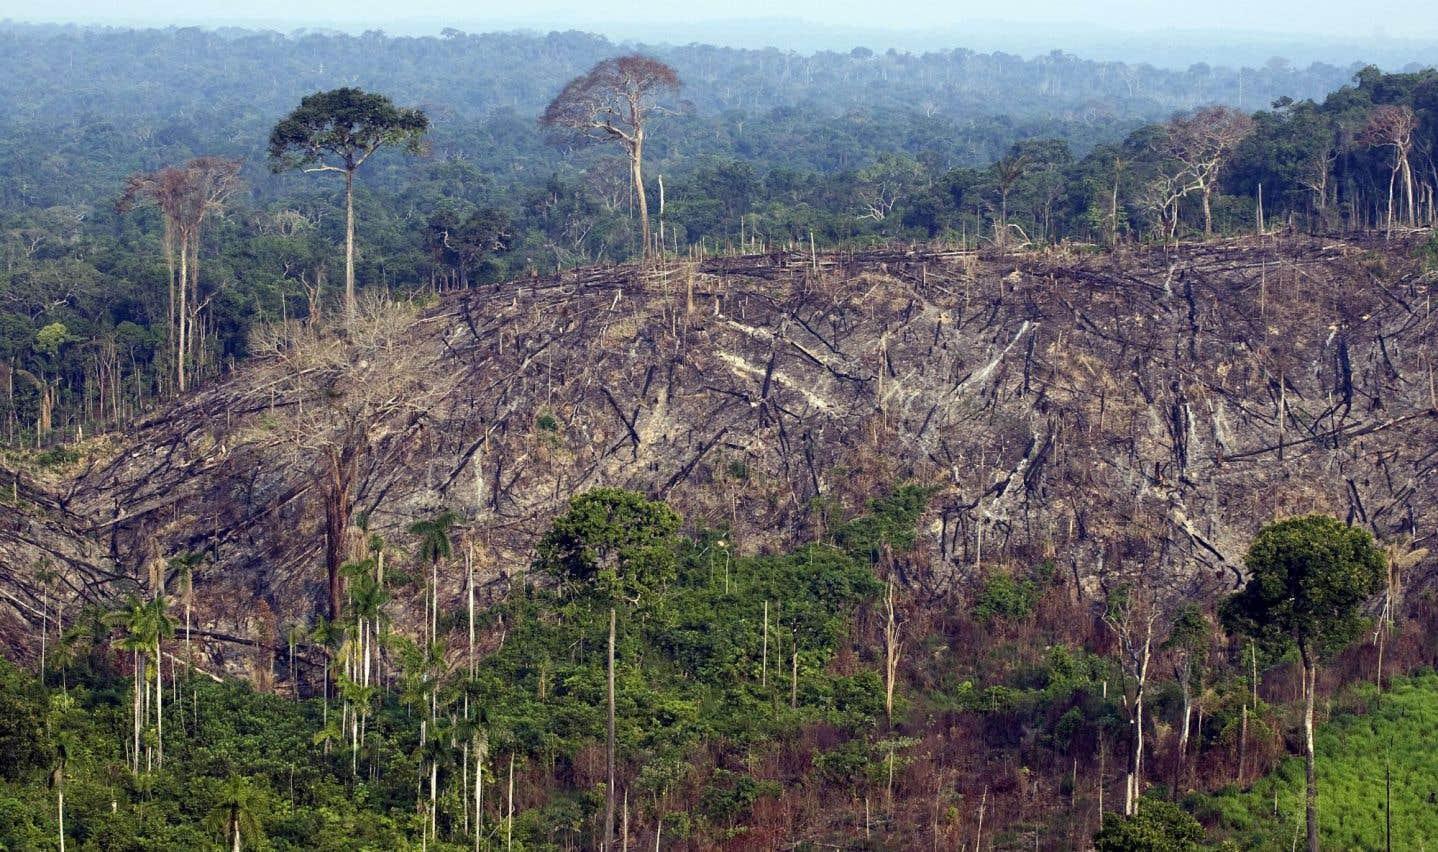 La Norvège va réduire son aide au Brésil en raison de la déforestation amazonienne